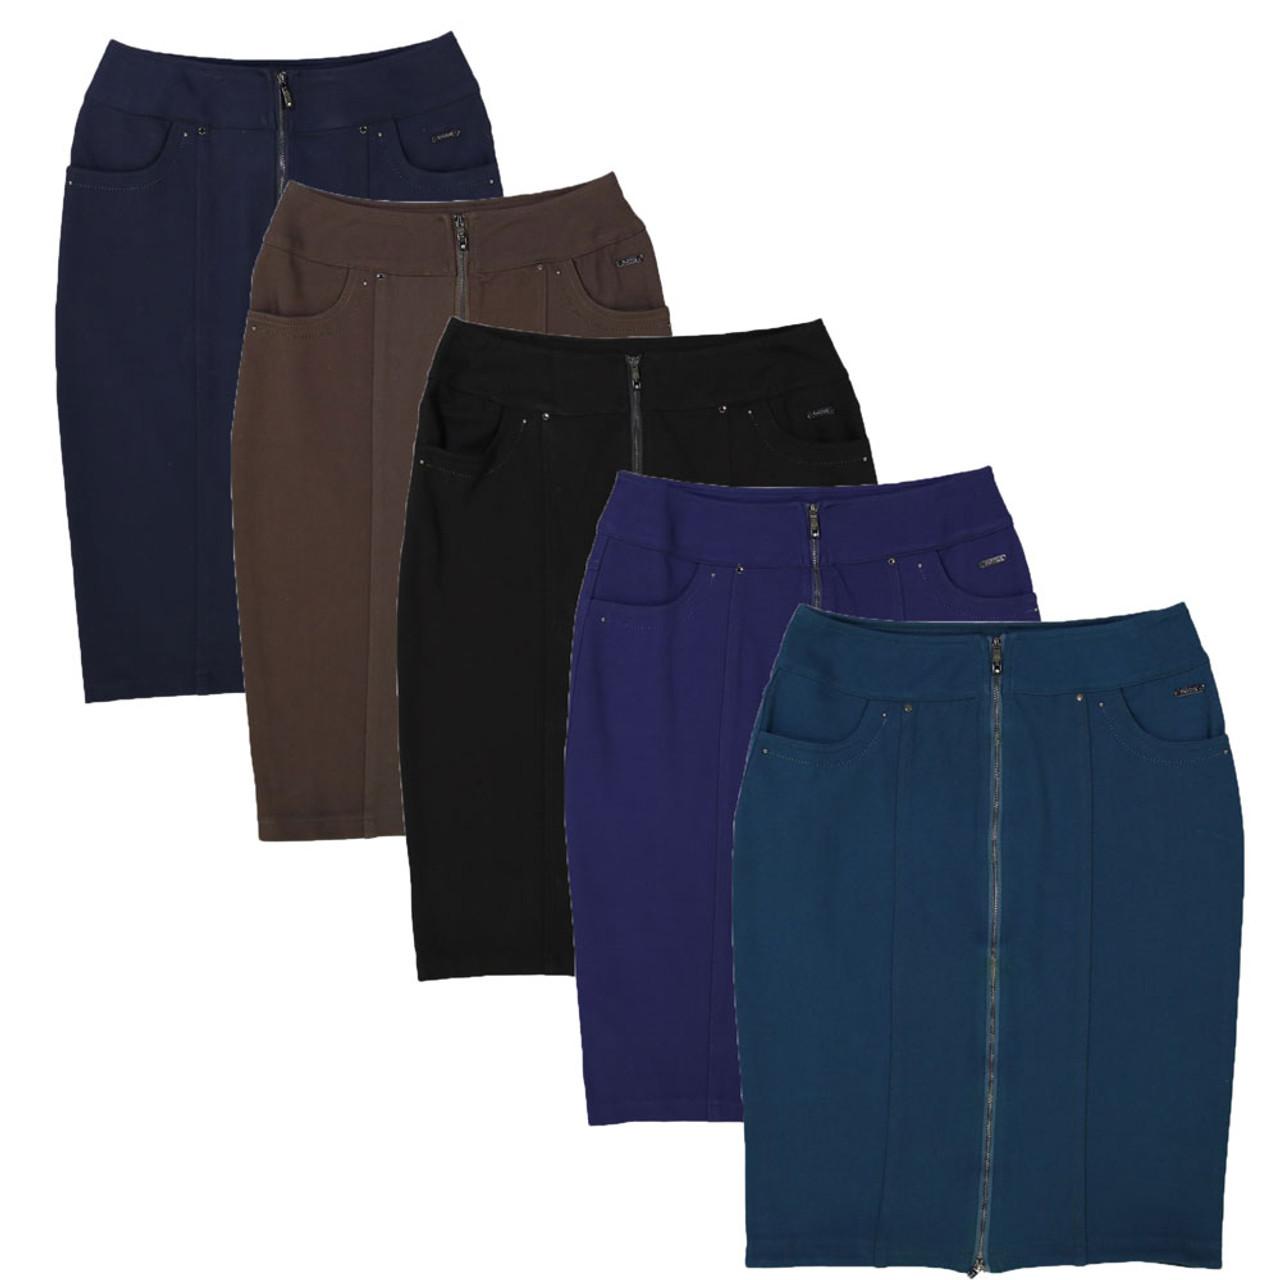 BGDK Womens Zipper Pencil Skirt